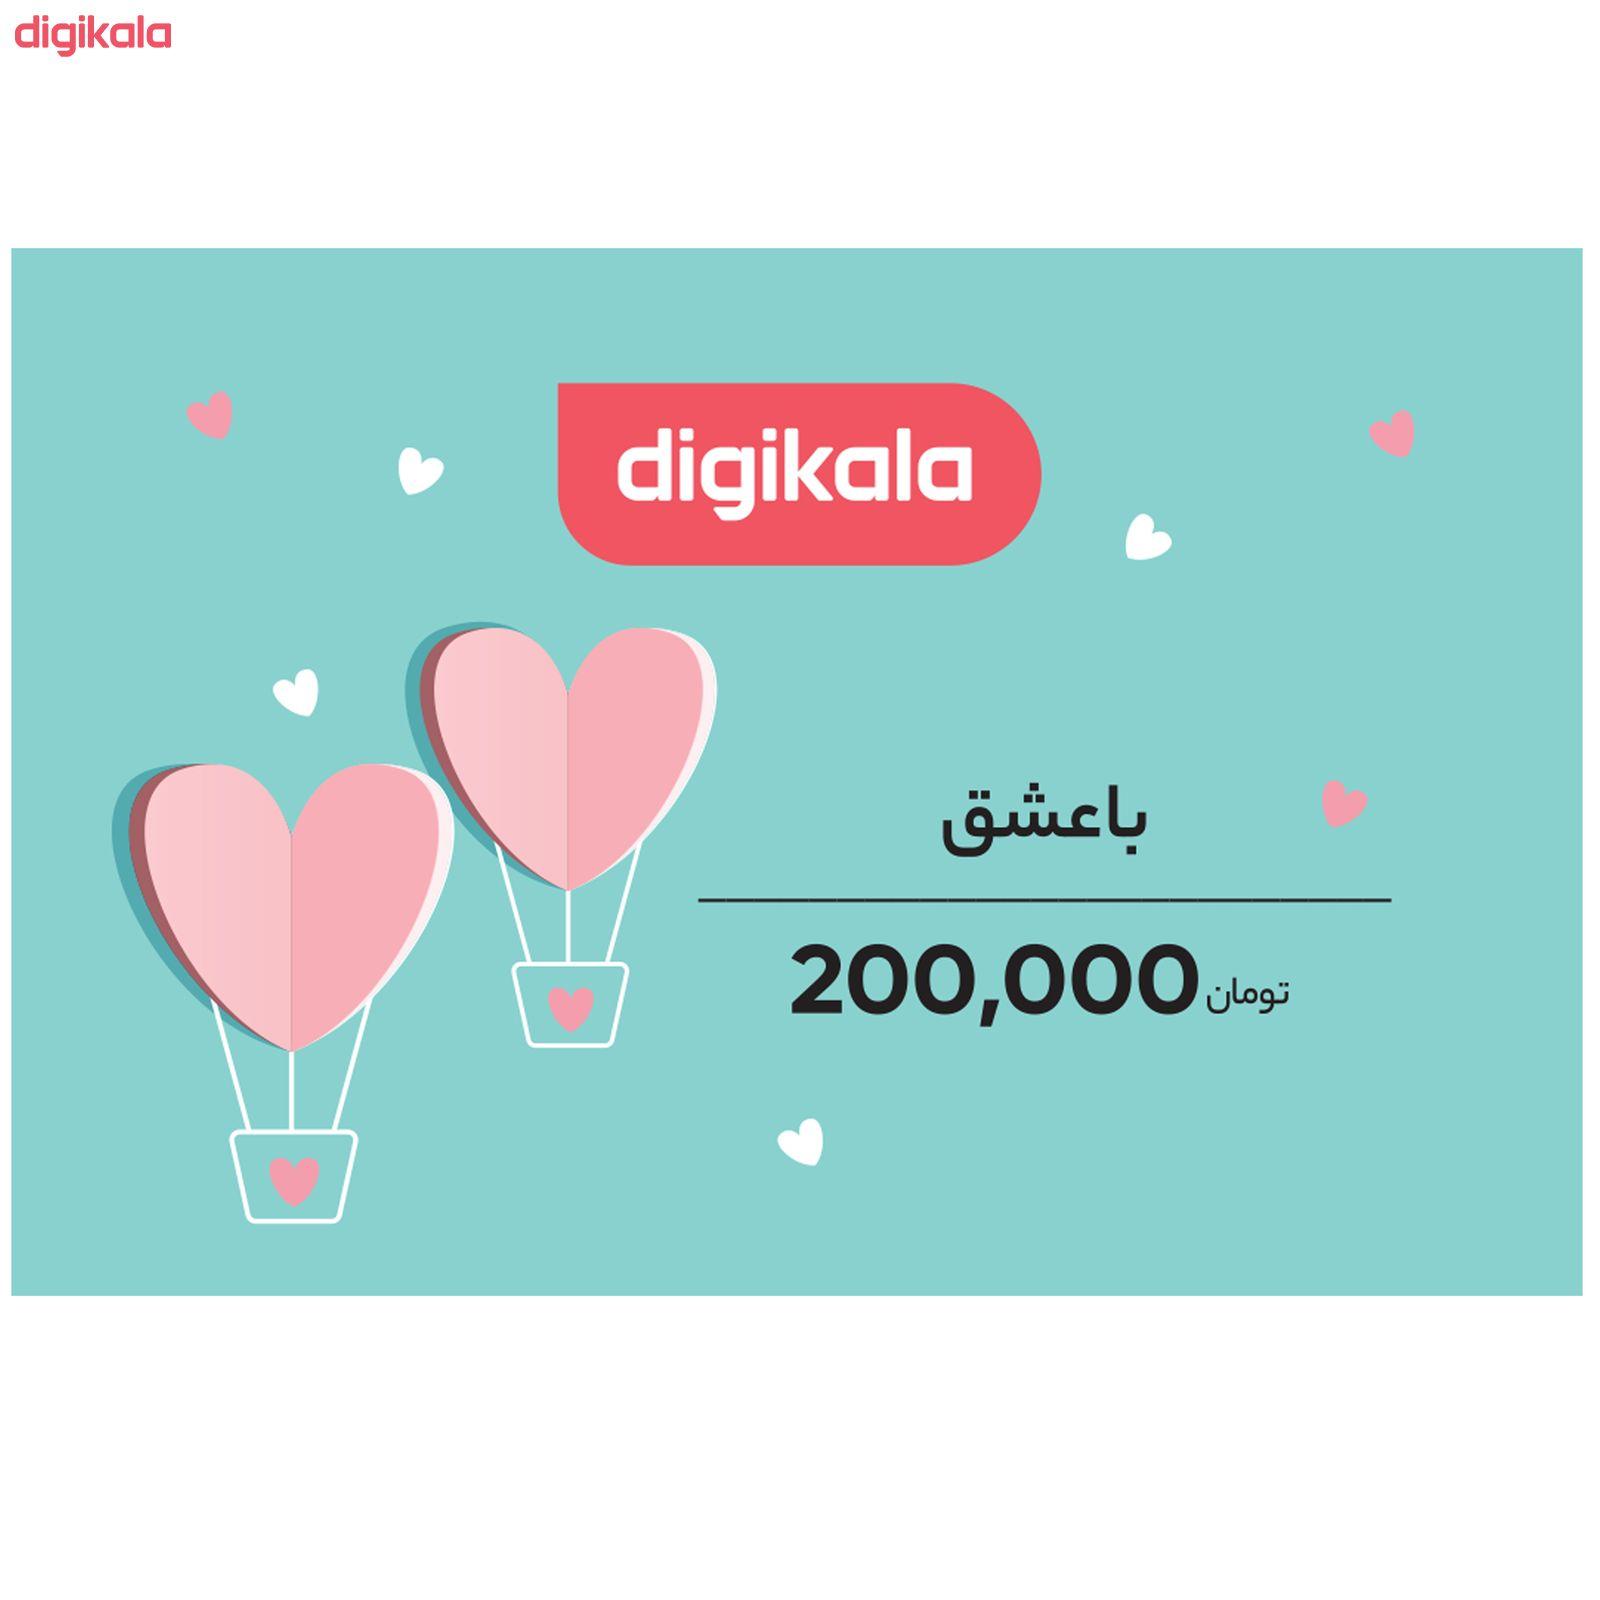 کارت هدیه دیجی کالا به ارزش 200,000 تومان طرح عشق main 1 1